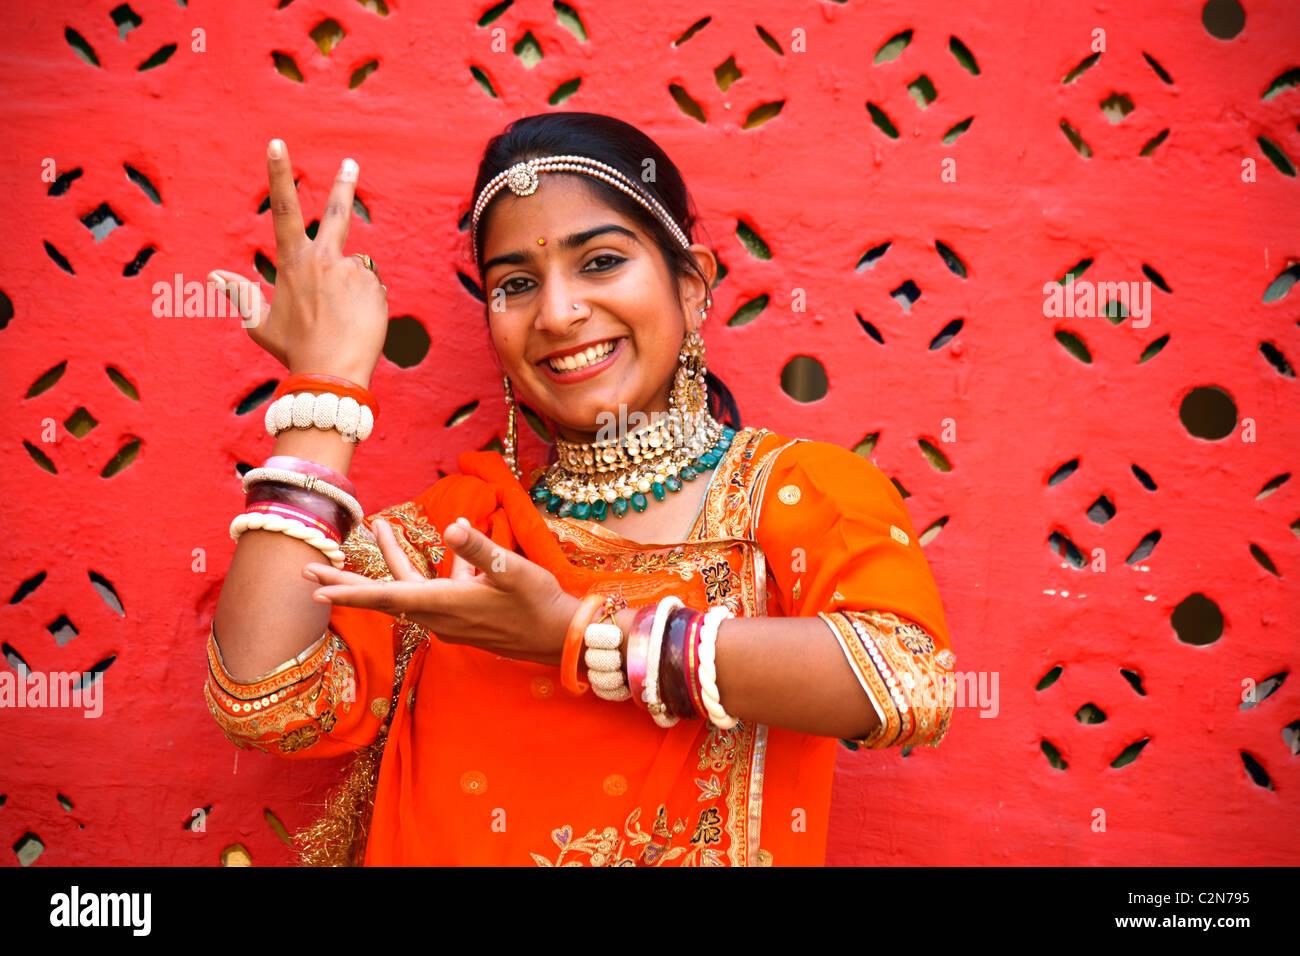 Un Indien fille danse Rajasthani donnant posent avec sourire Photo Stock